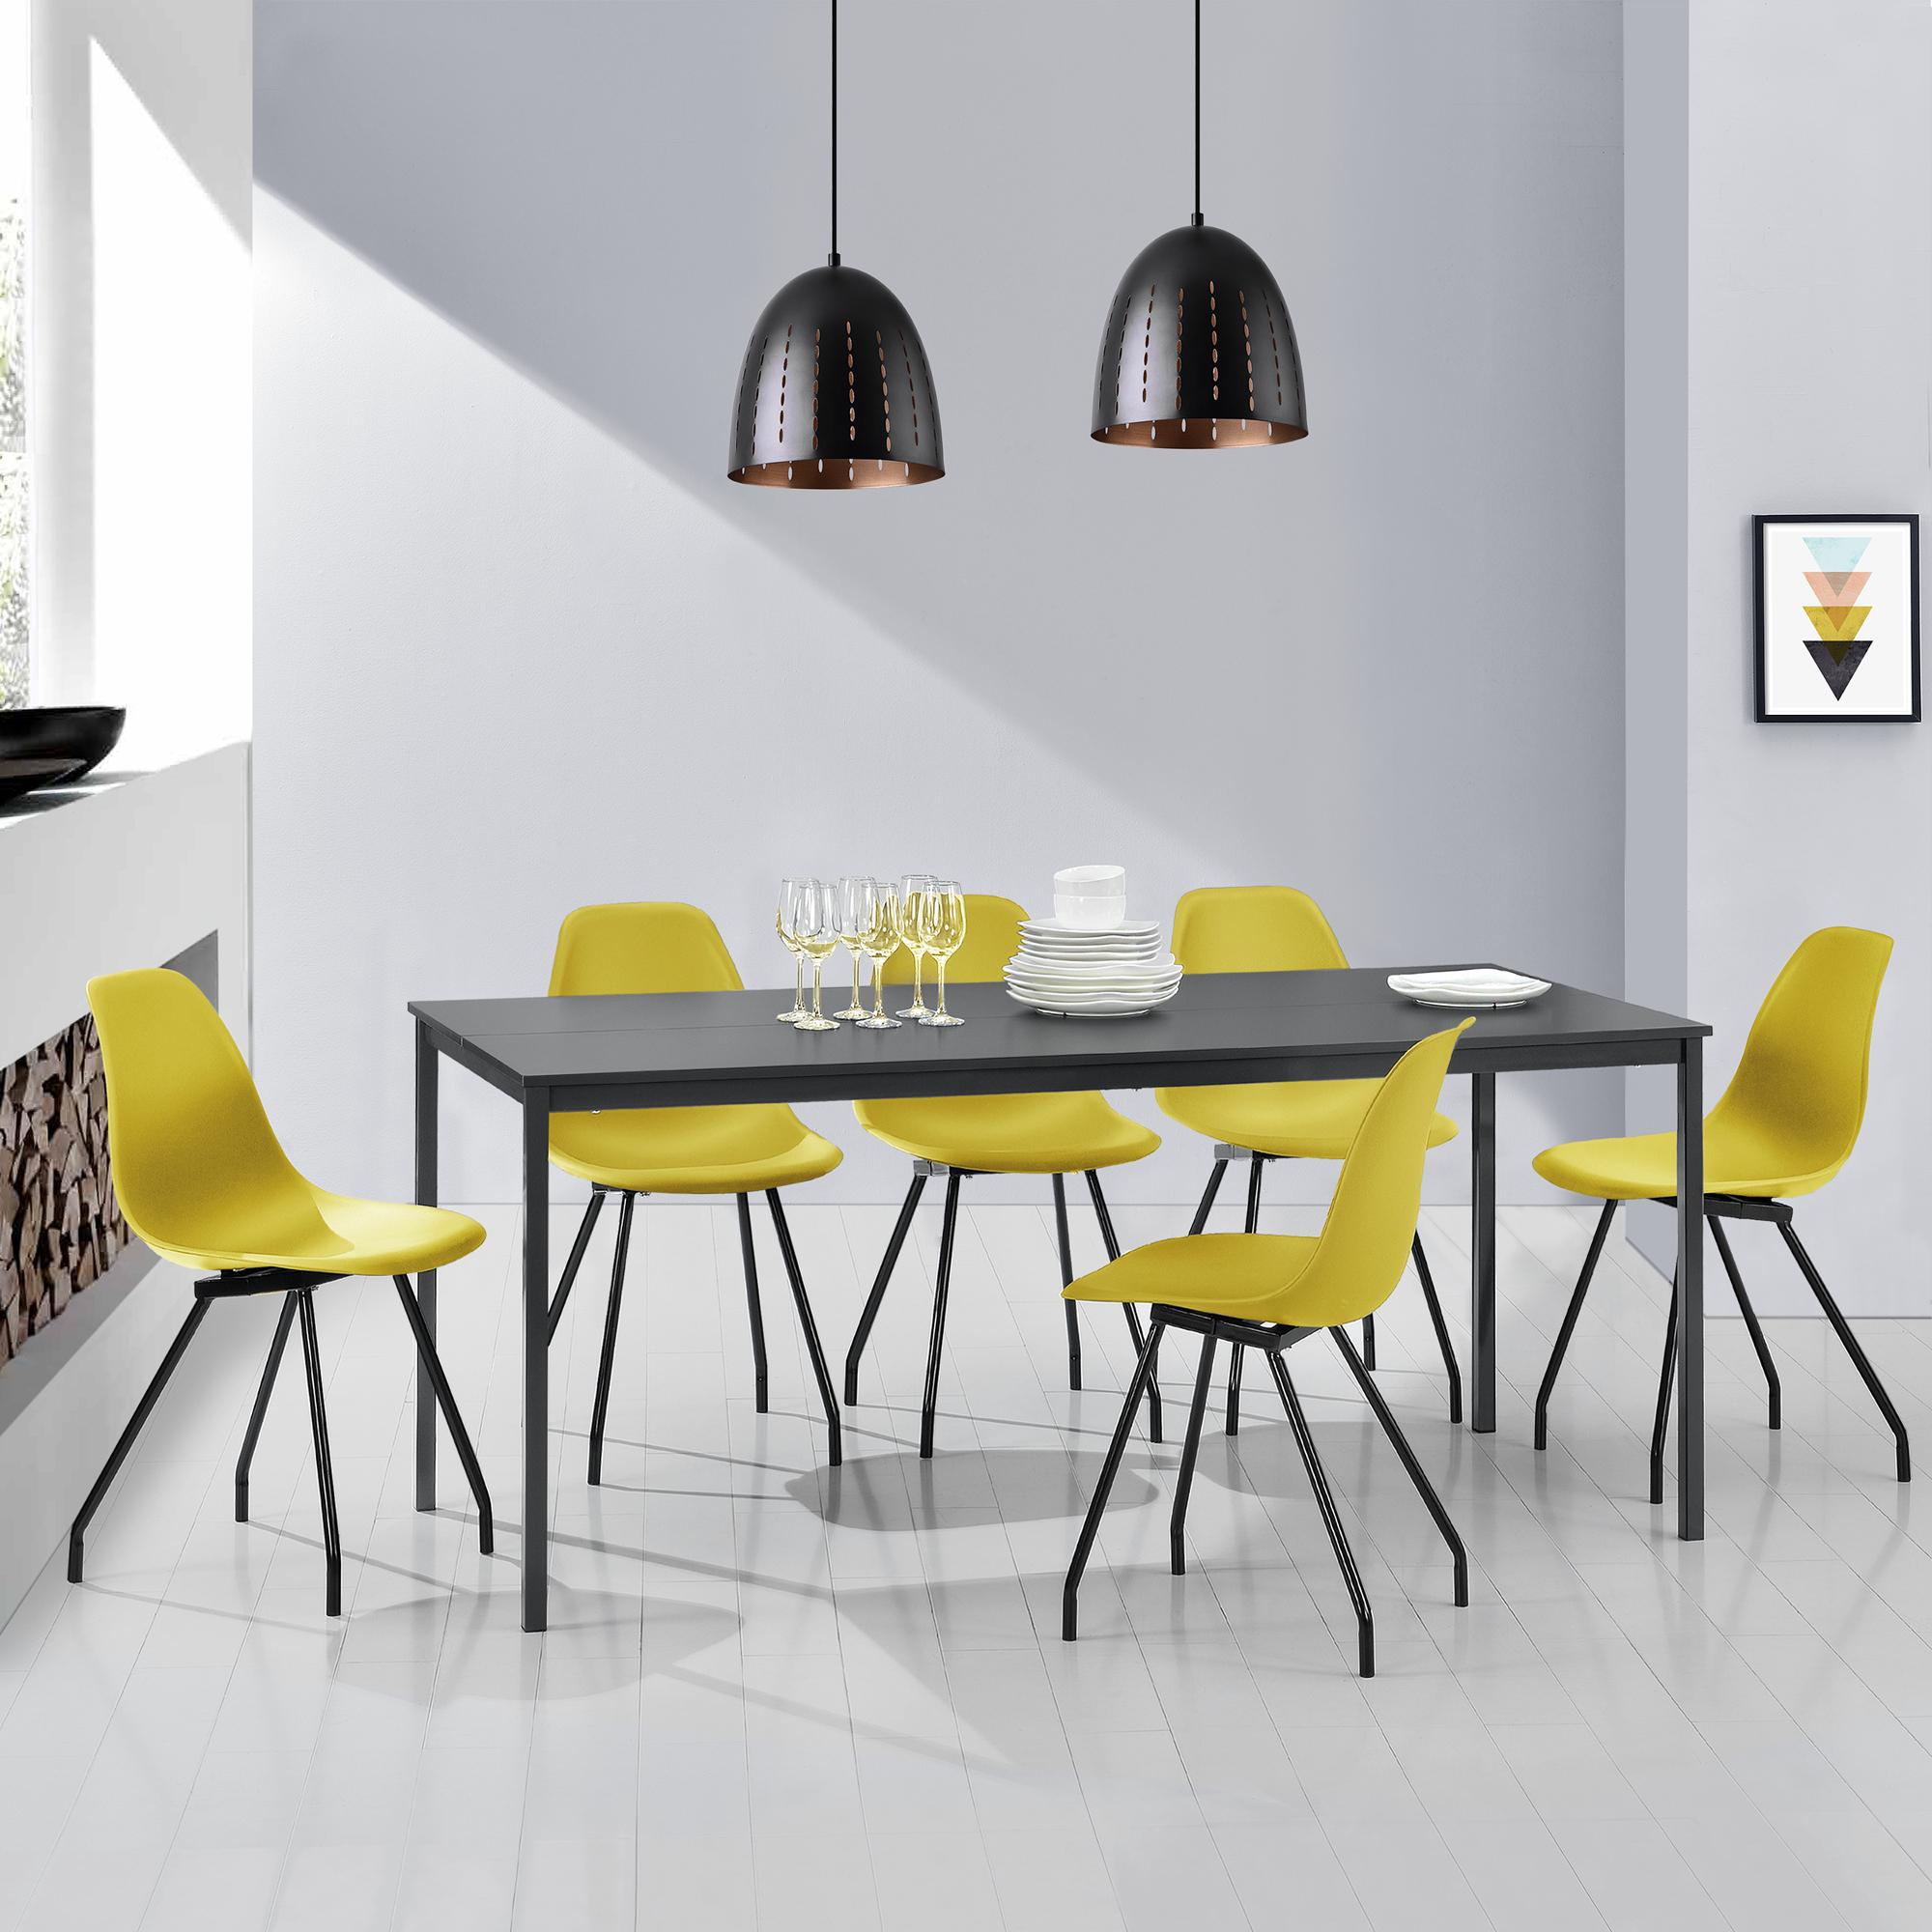 Tavolo da pranzo con 6 sedie grigie senape - Sedie cucina ebay ...